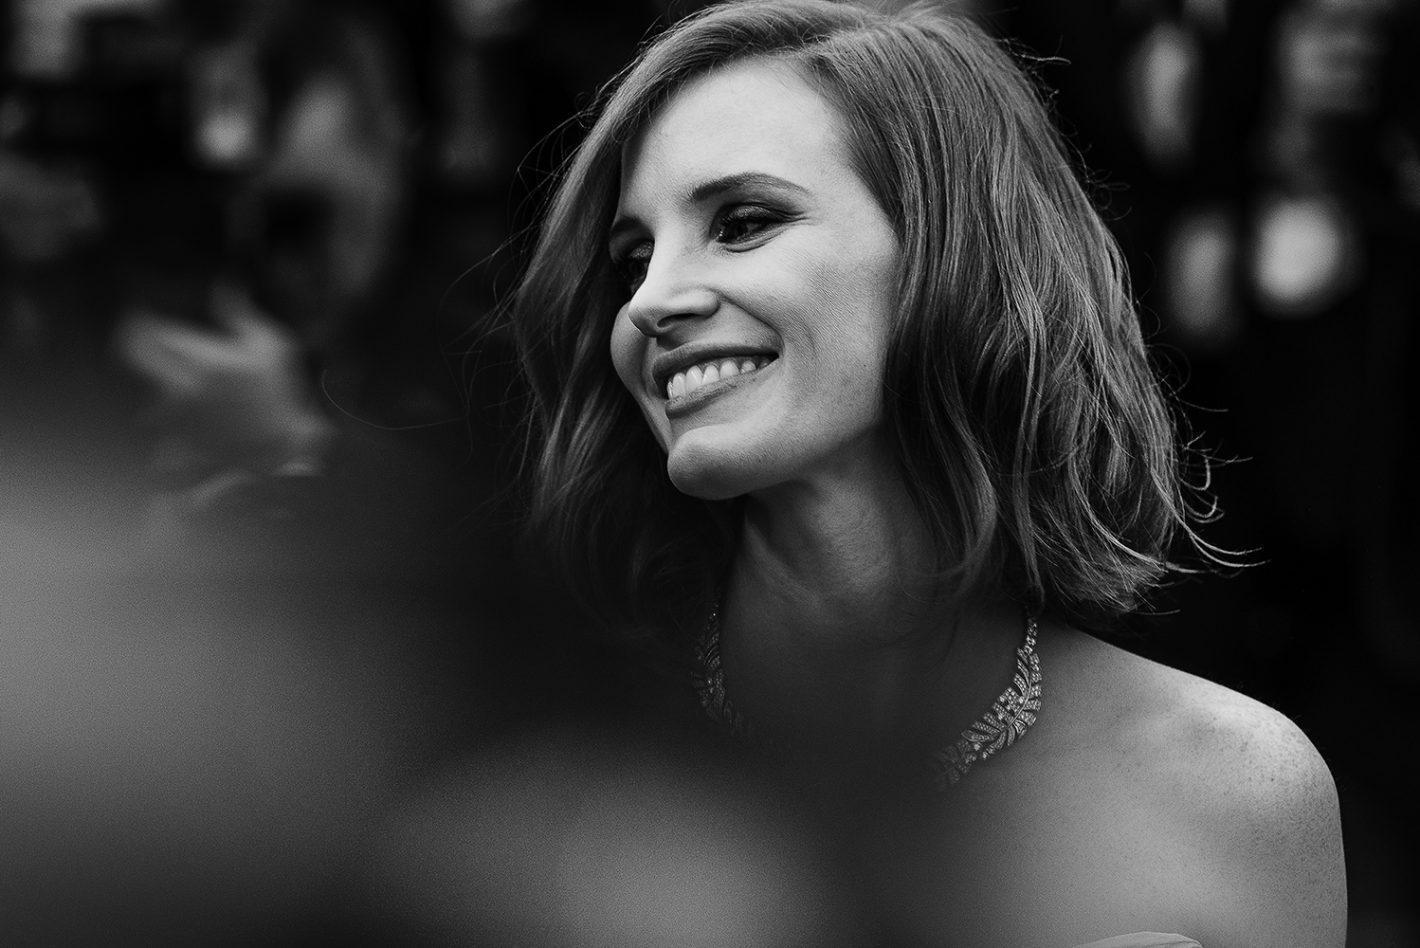 Festival de Cannes 2016 - Jessica Chastain - Nikon D800